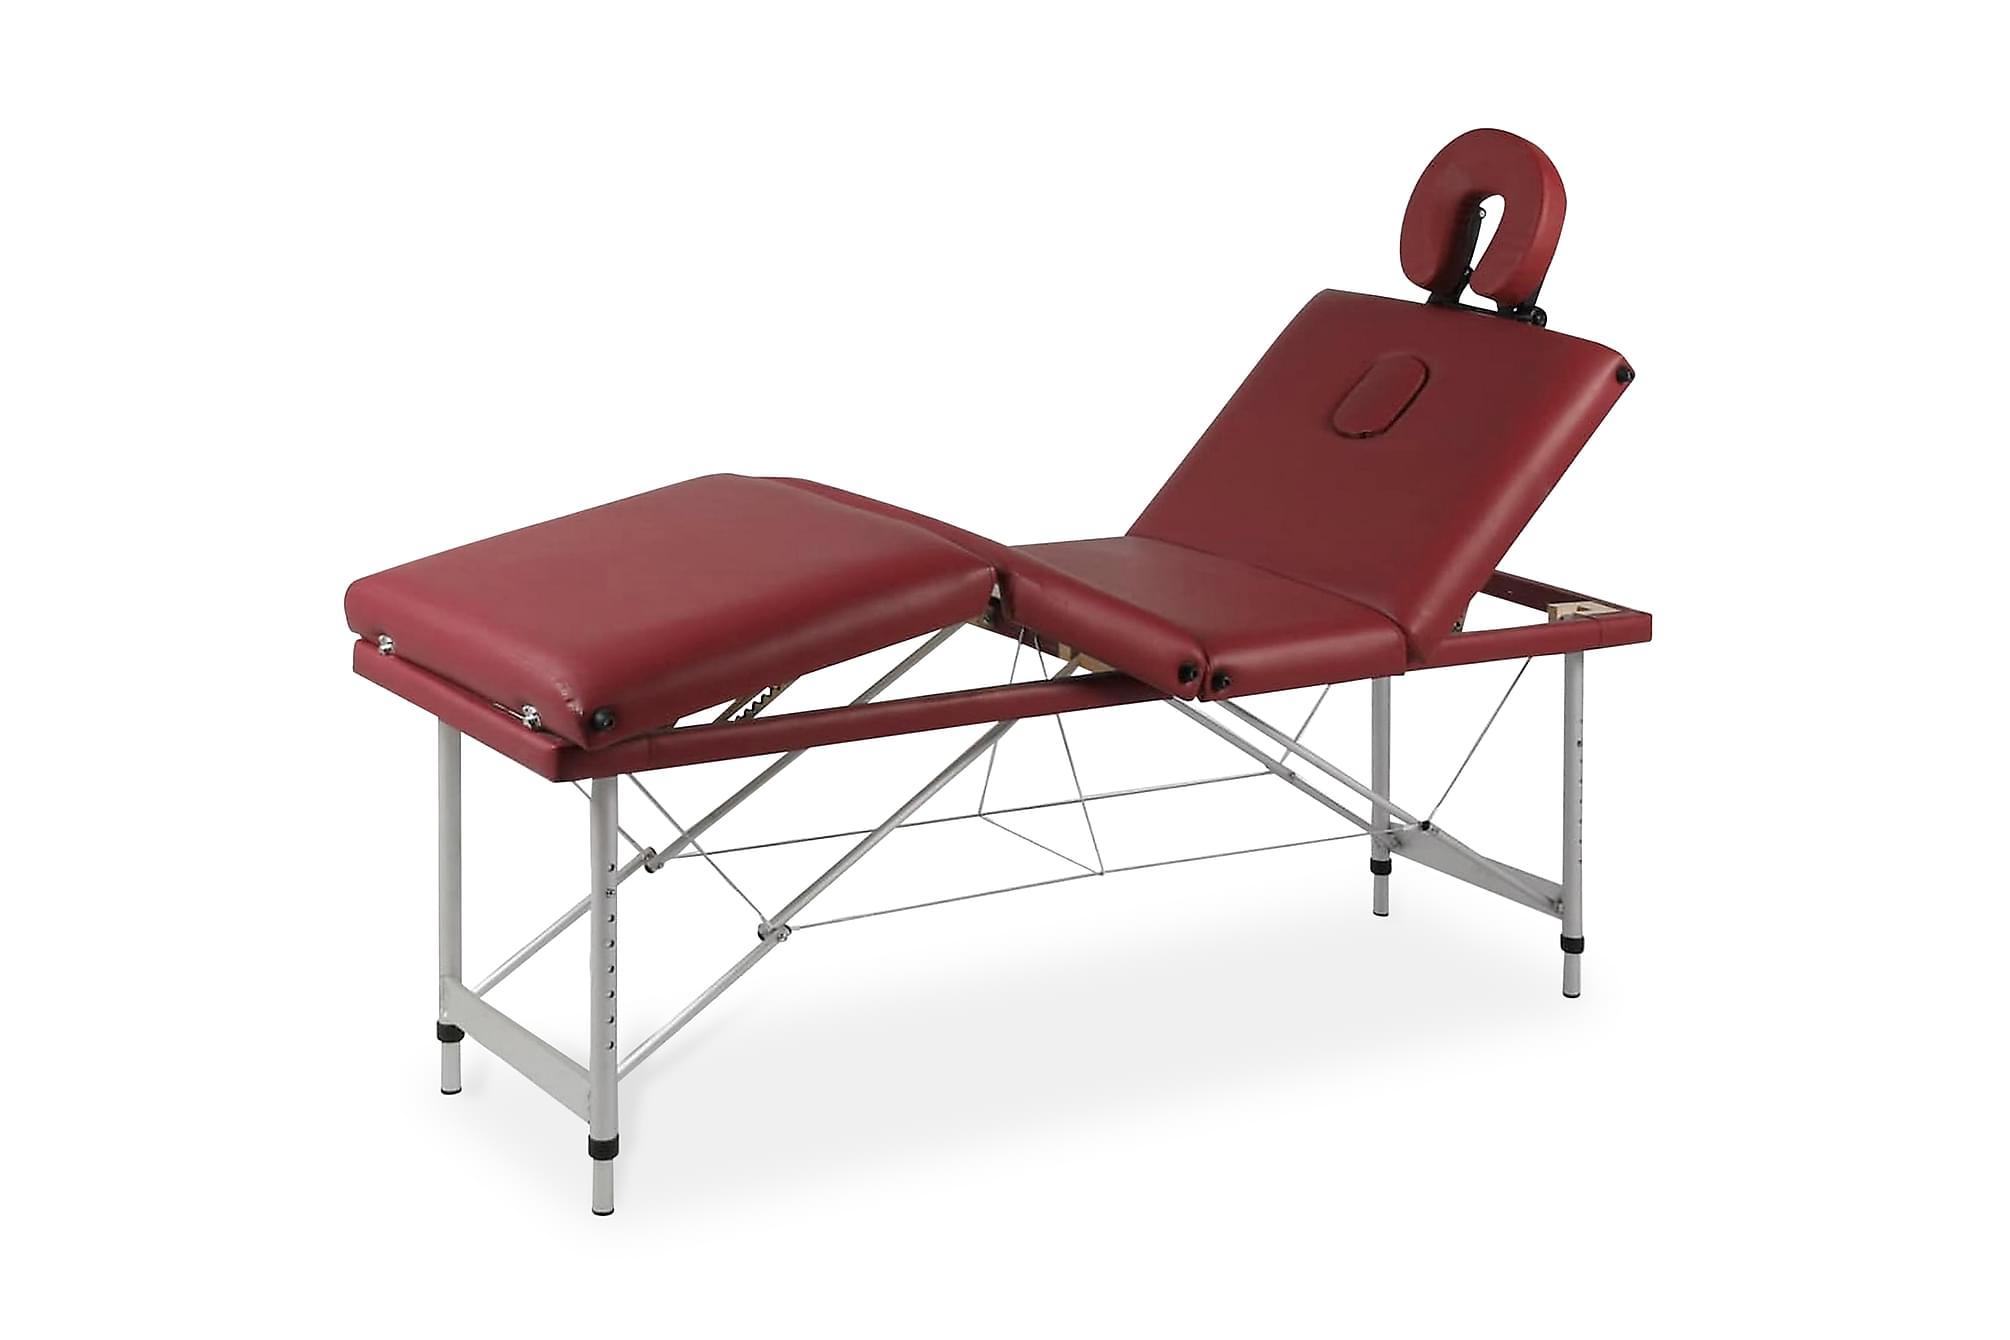 Röd hopfällbar 4-sektions massagebänk med aluminium ram